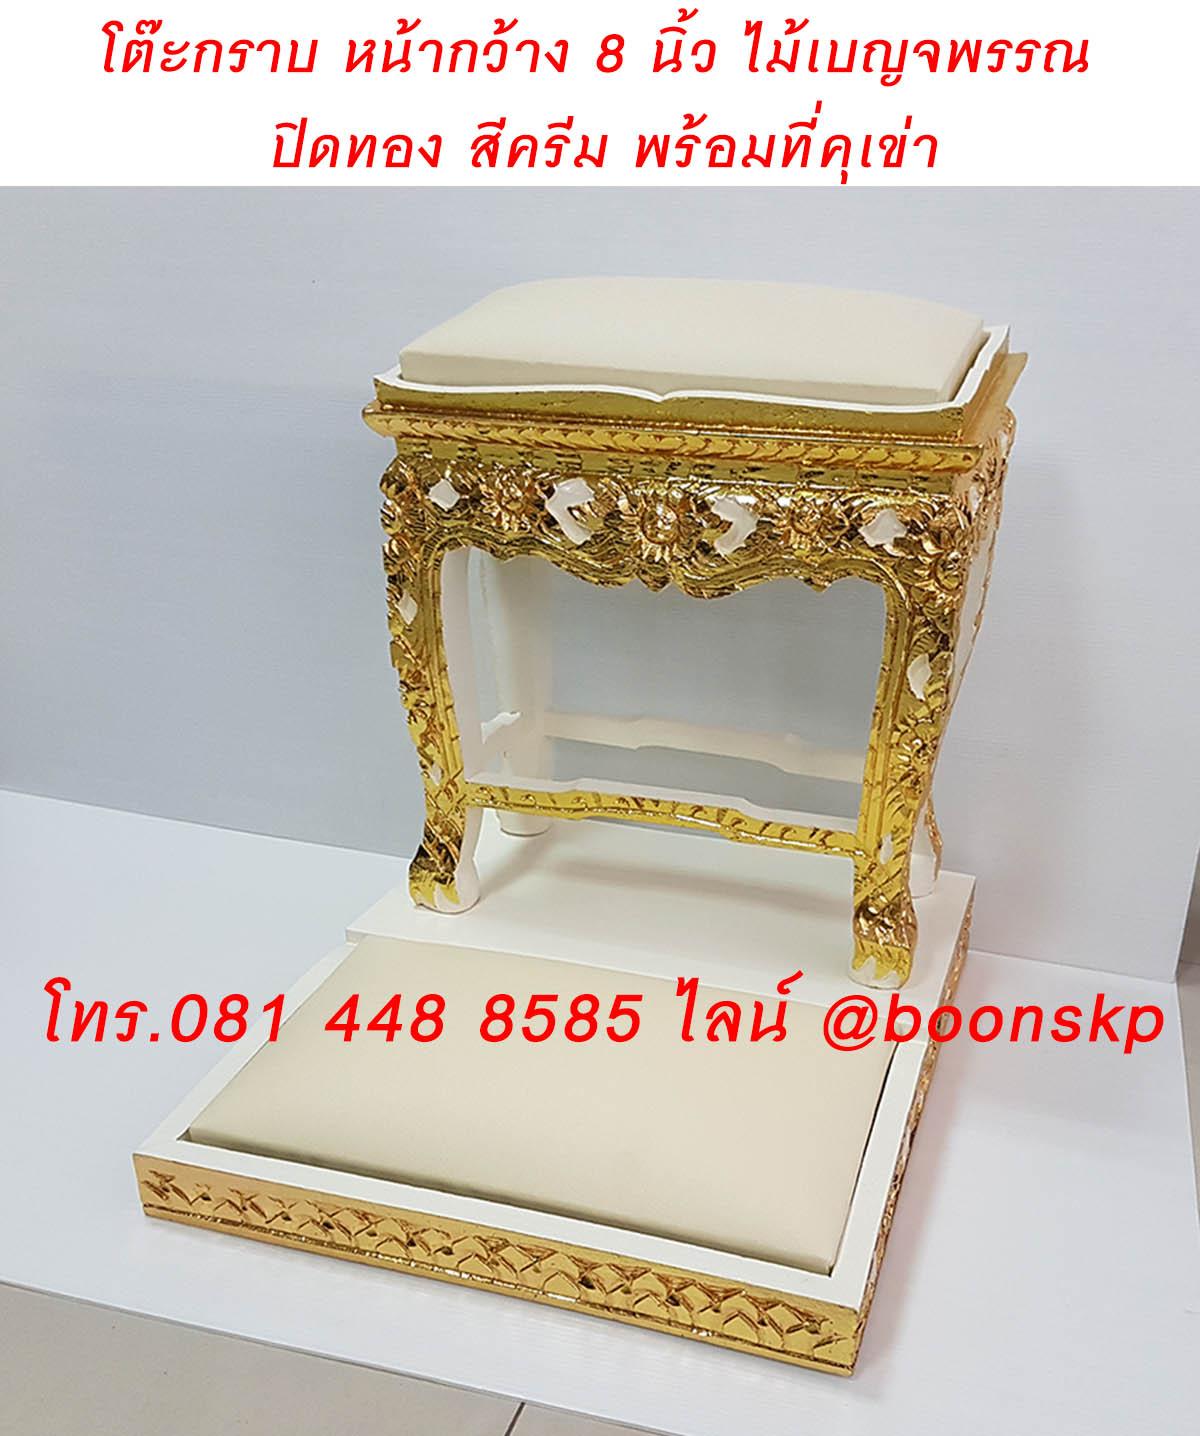 โต๊ะกราบ หน้า 8 แกะลายปิดทอง